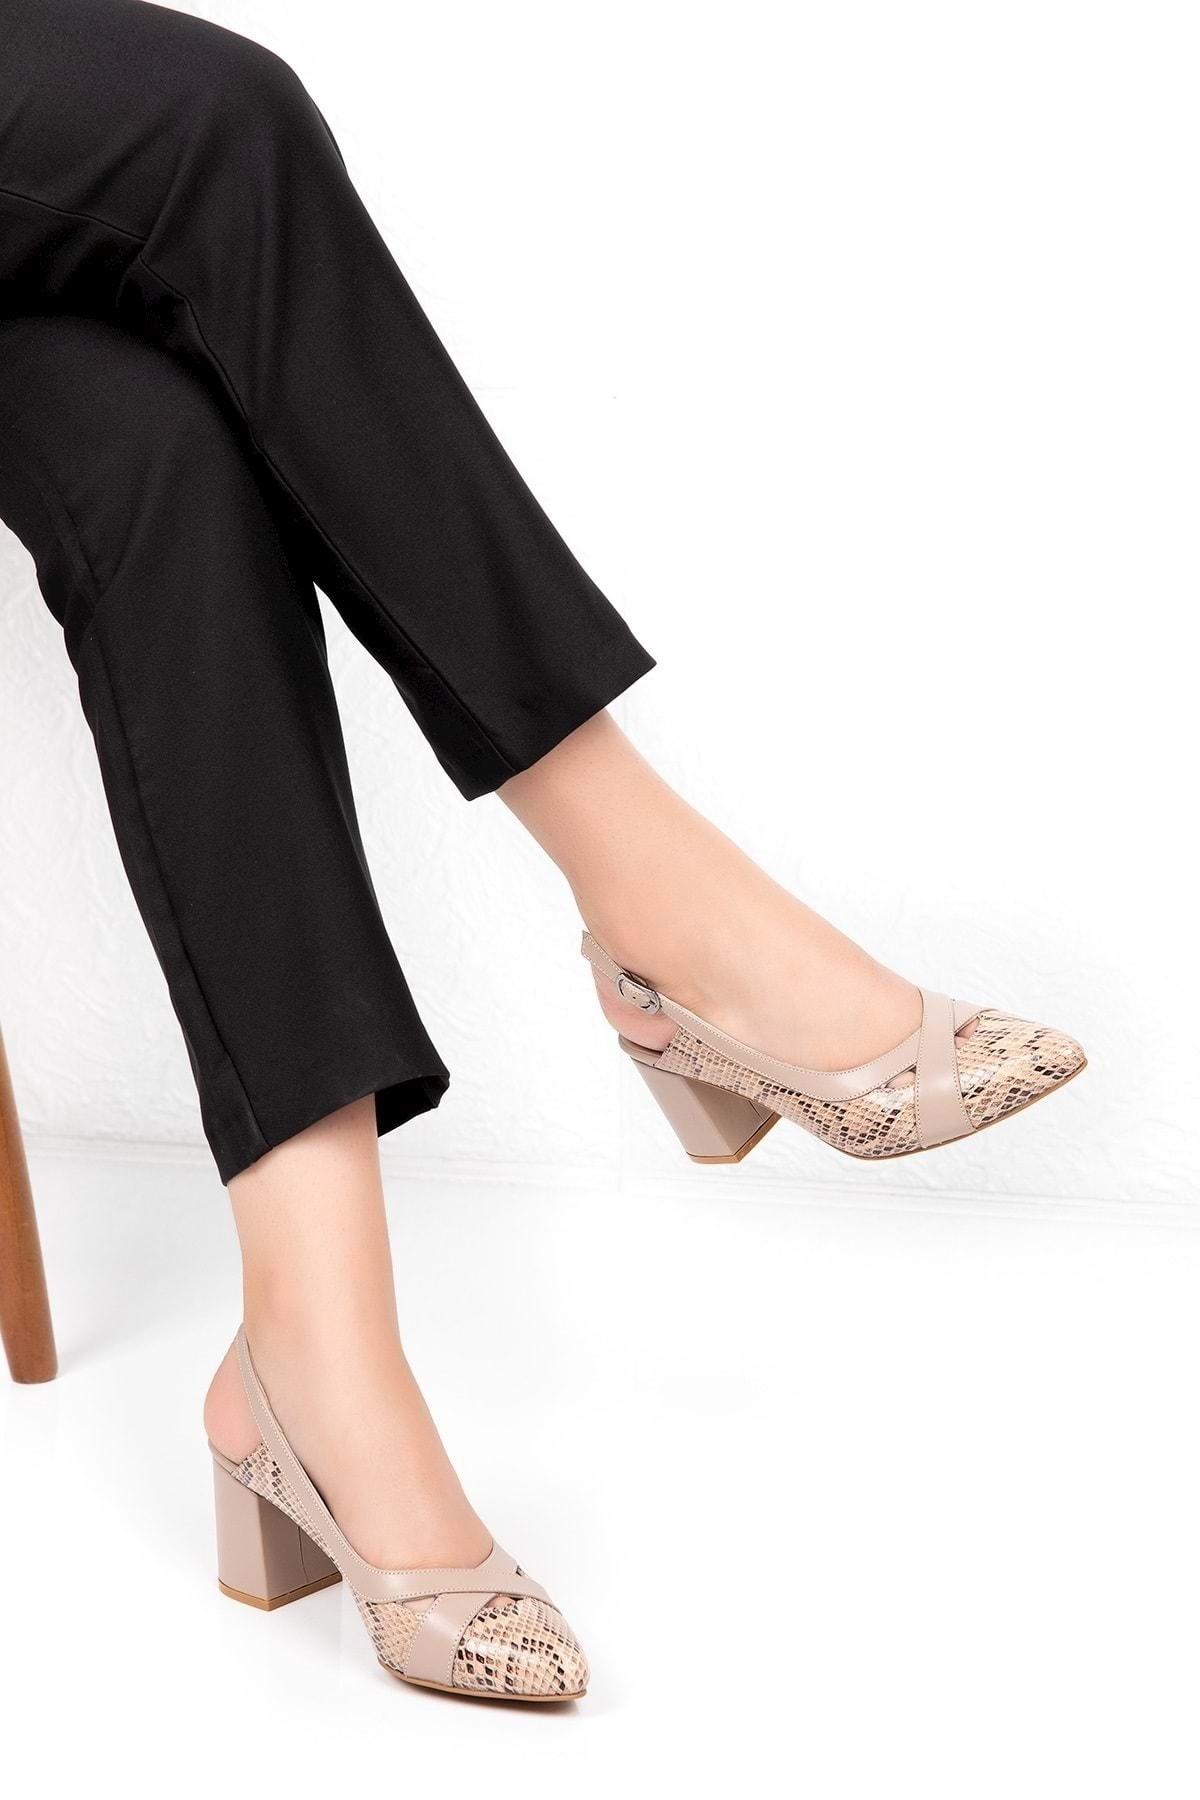 Gondol Hakiki Deri Yılan Desen Ayrıntılı Topuklu Ayakkabı Şhn.0738 - Vizon - 36 1